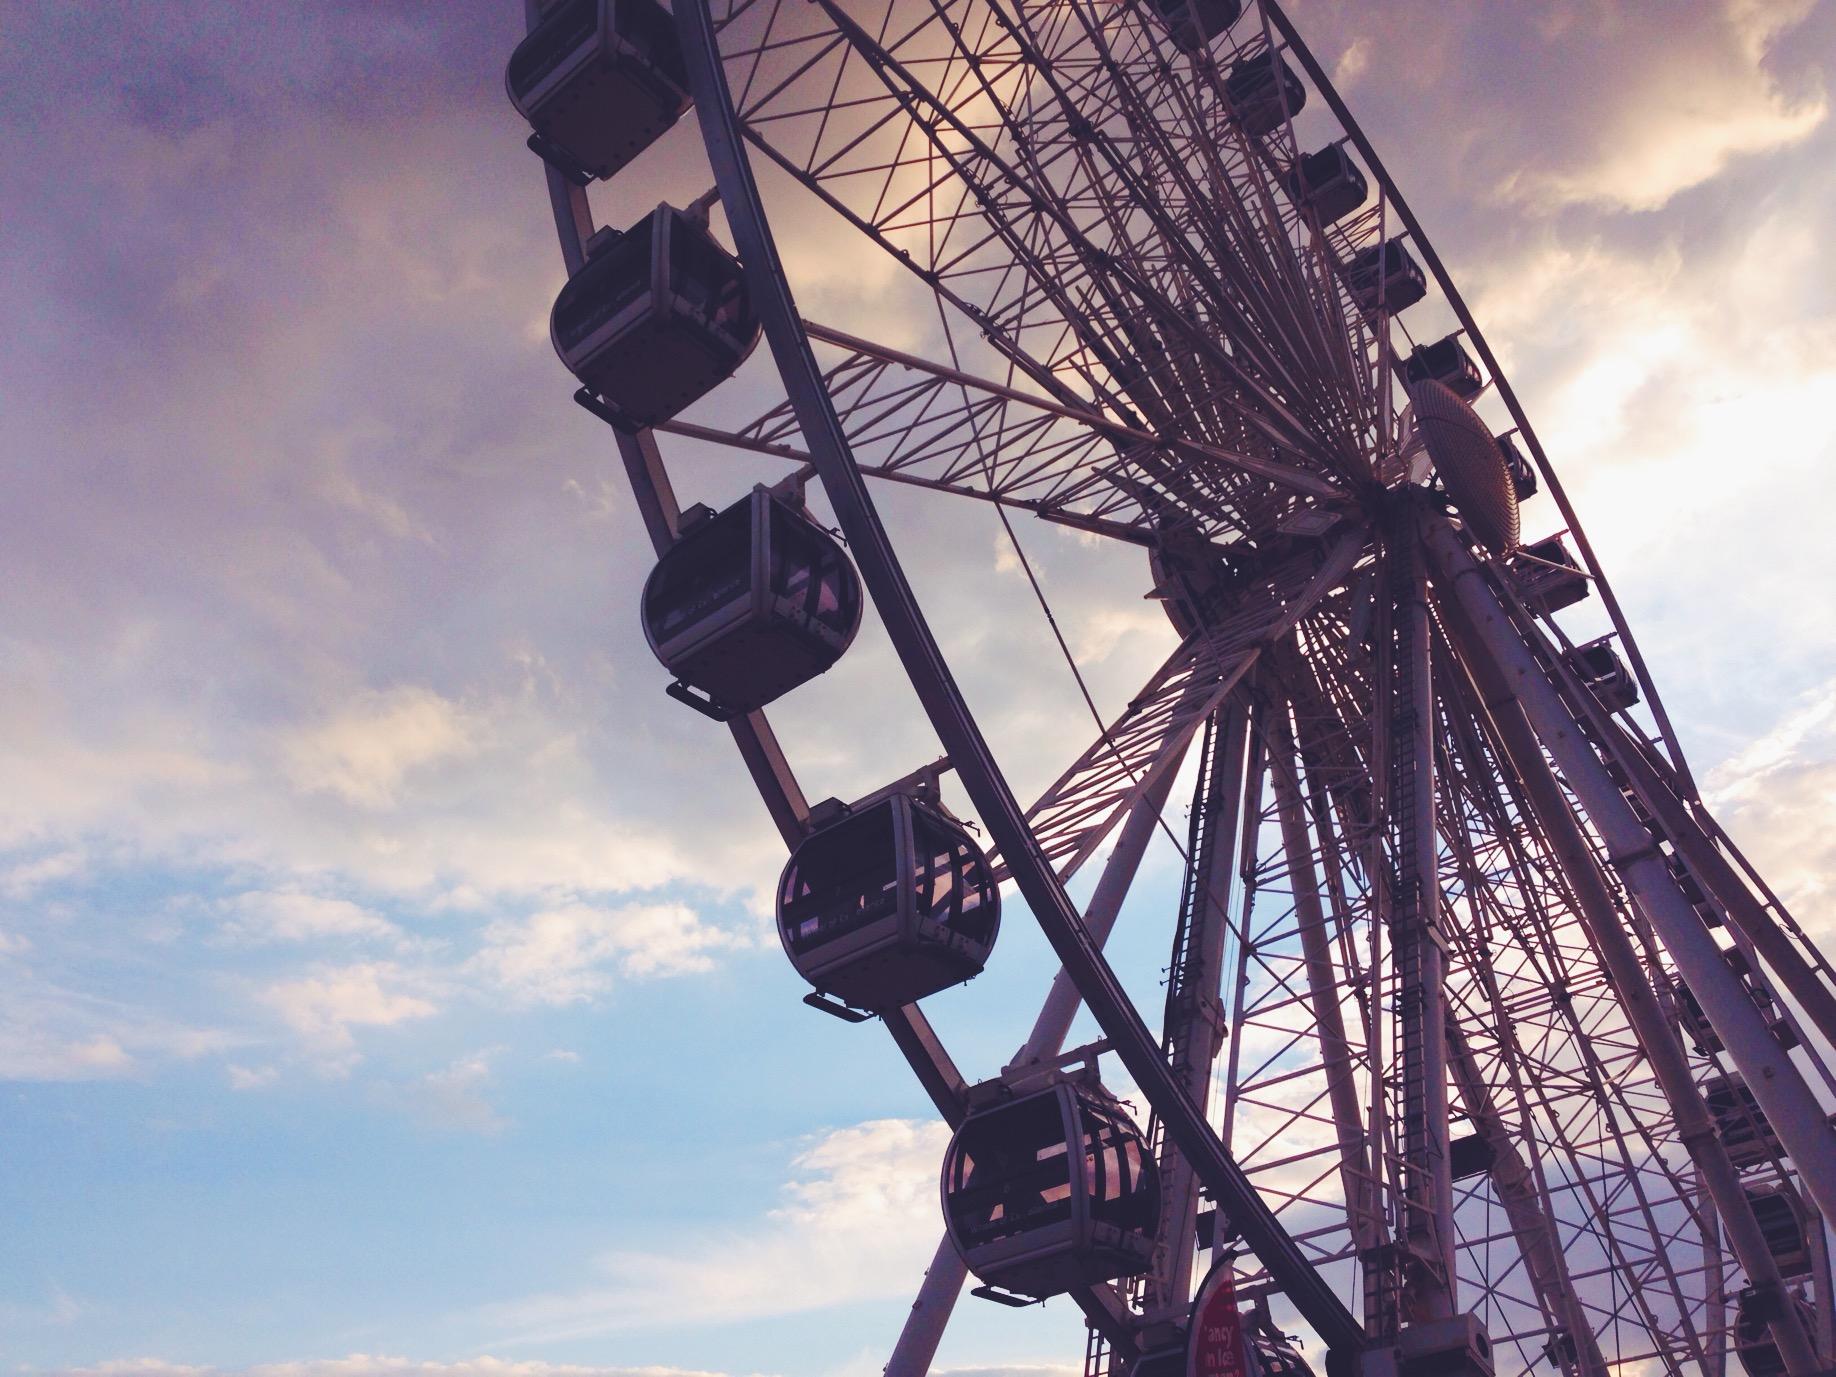 La ruota panoramica di Brighton: le città dall'alto sono sempre più belle